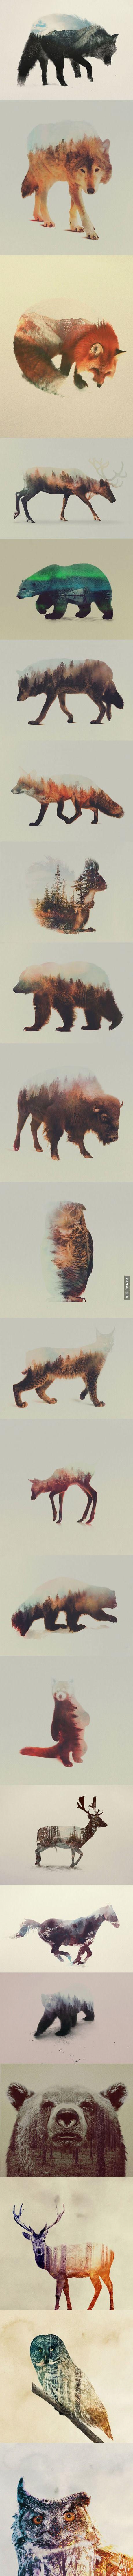 Double Exposure Animals